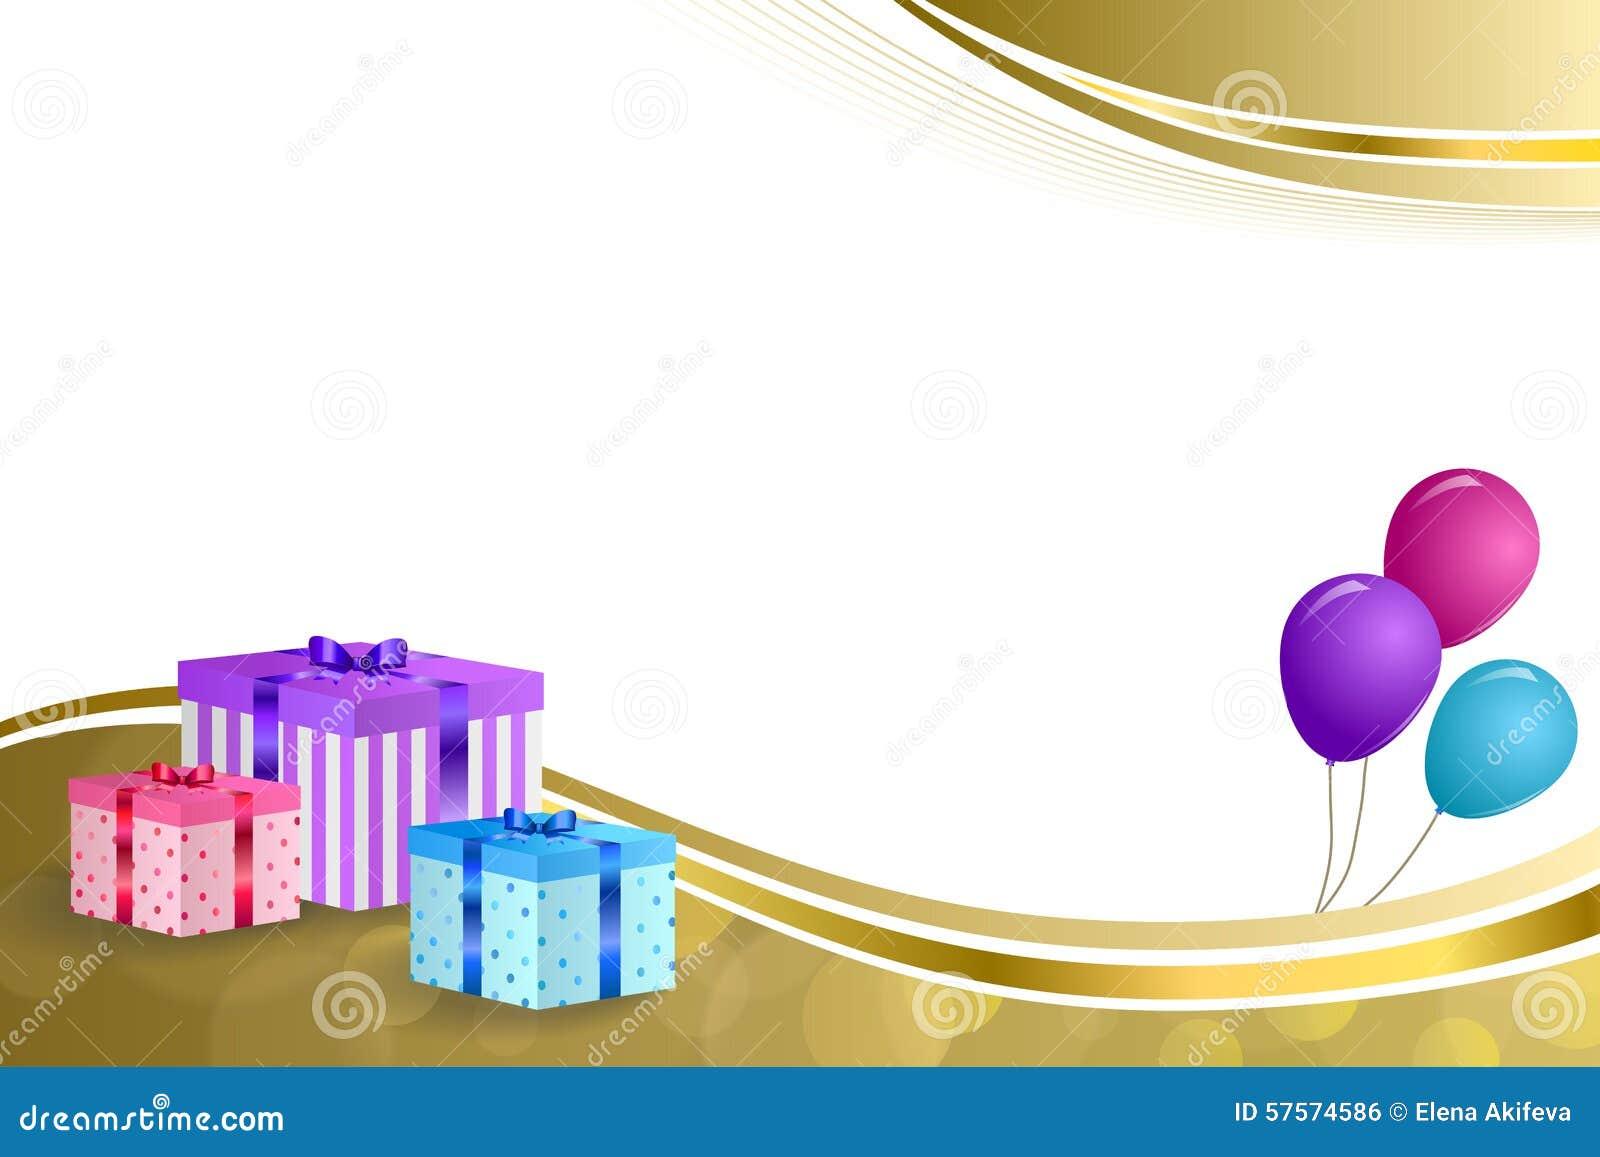 Geburtstagsfeiergeschenkbox-Rosas des Hintergrundes steigt violettes Blau des abstrakten beige Goldband-Rahmenillustration im Bal